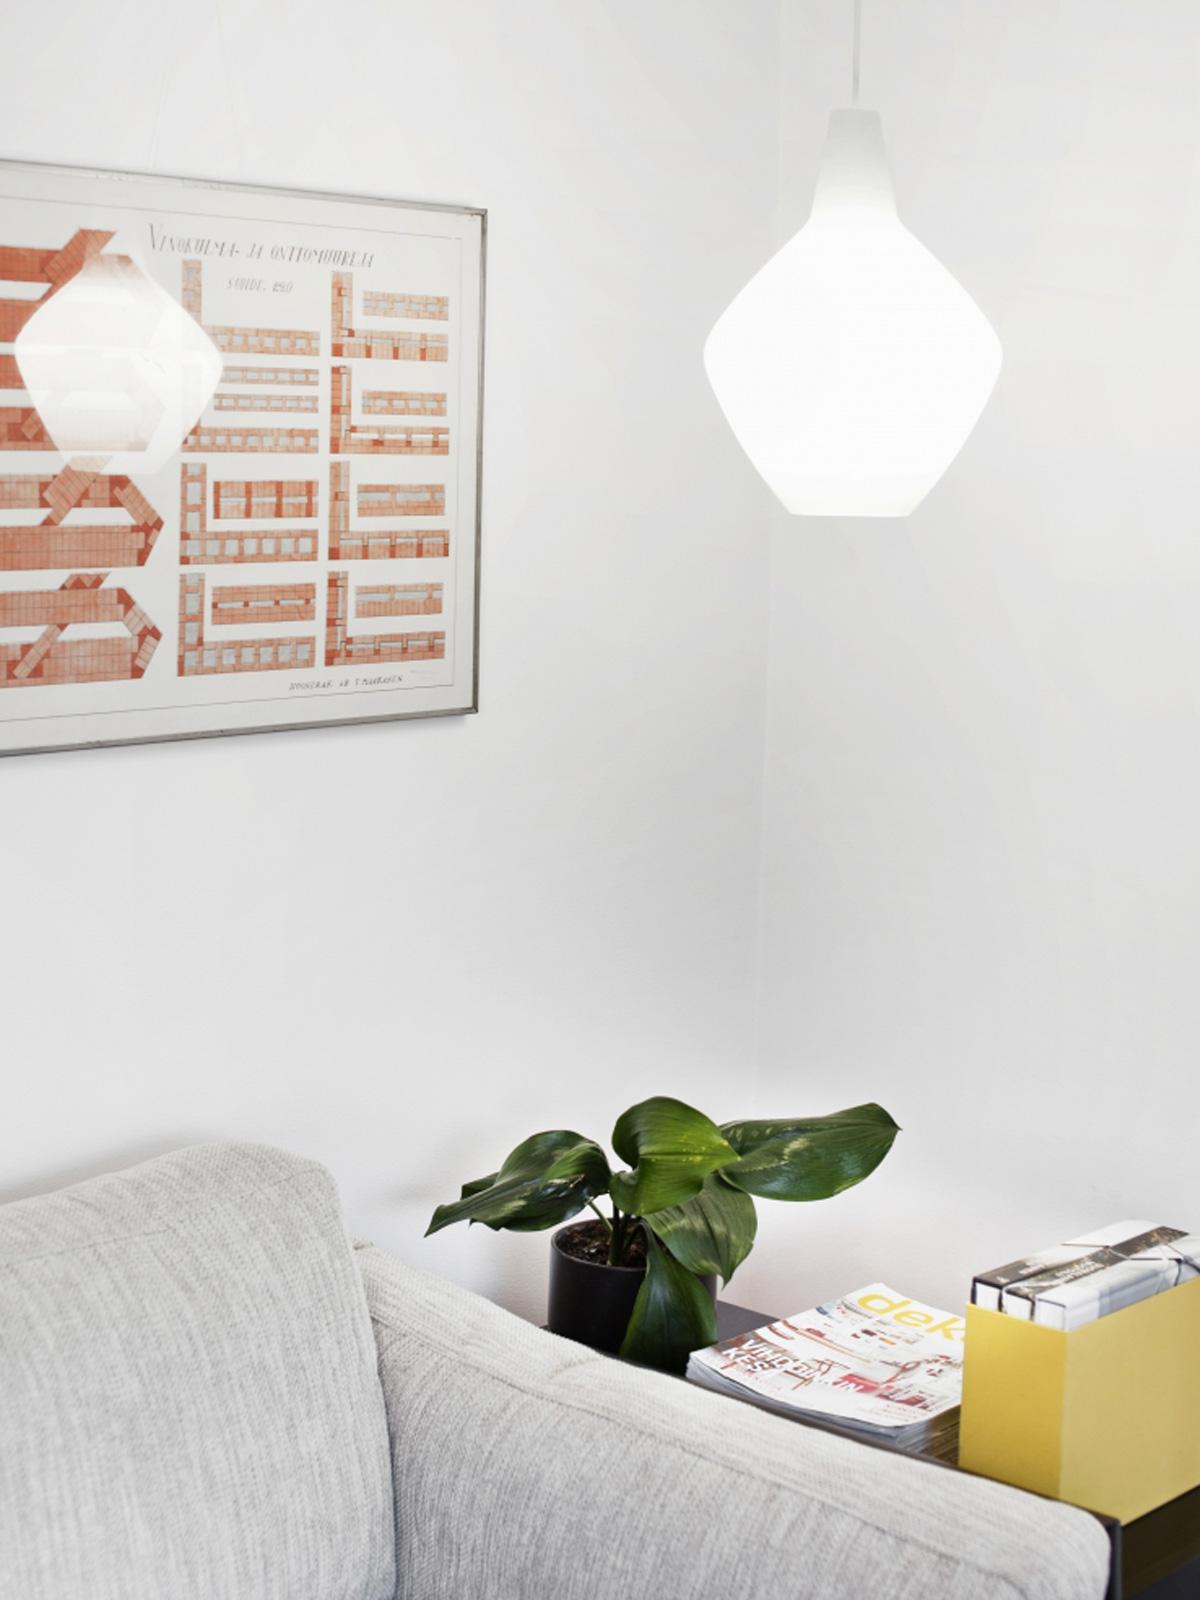 Sipuli klassische finnische Designerleuchte von Lisa Johansson-Pape skandinavisches Design Innolux Glaslampe Opalglas